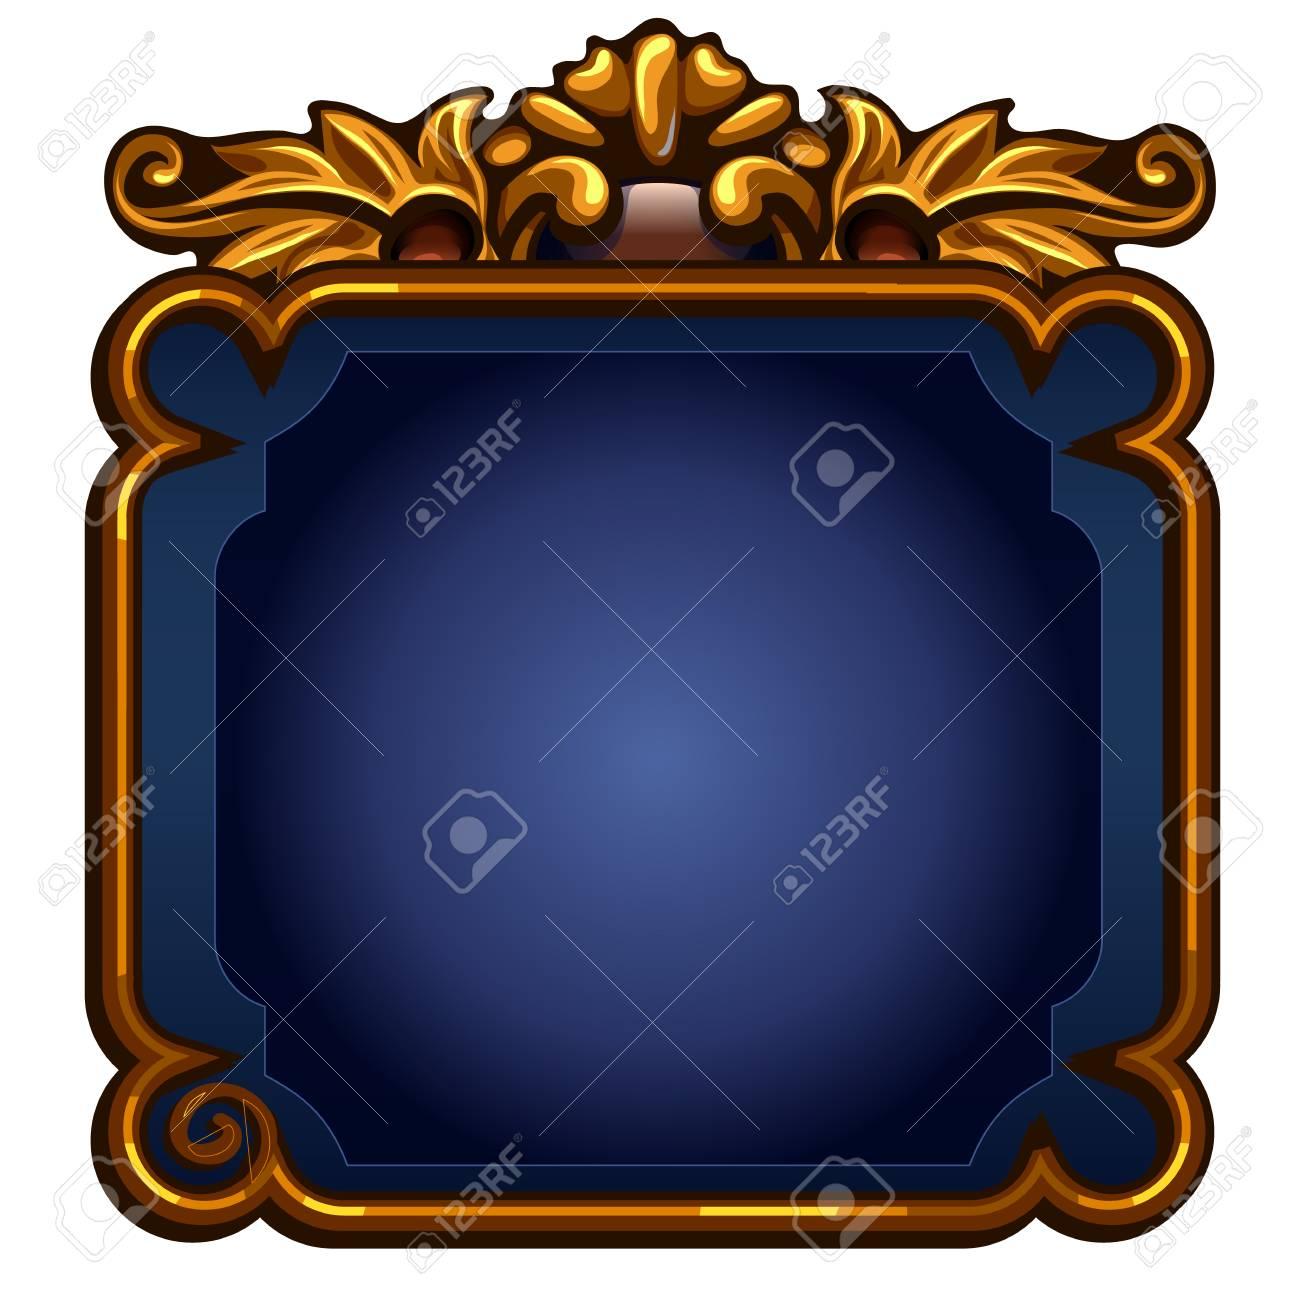 Spiel Blauer Bildschirm Mit Goldener Rahmen. Vektor-Illustration Auf ...